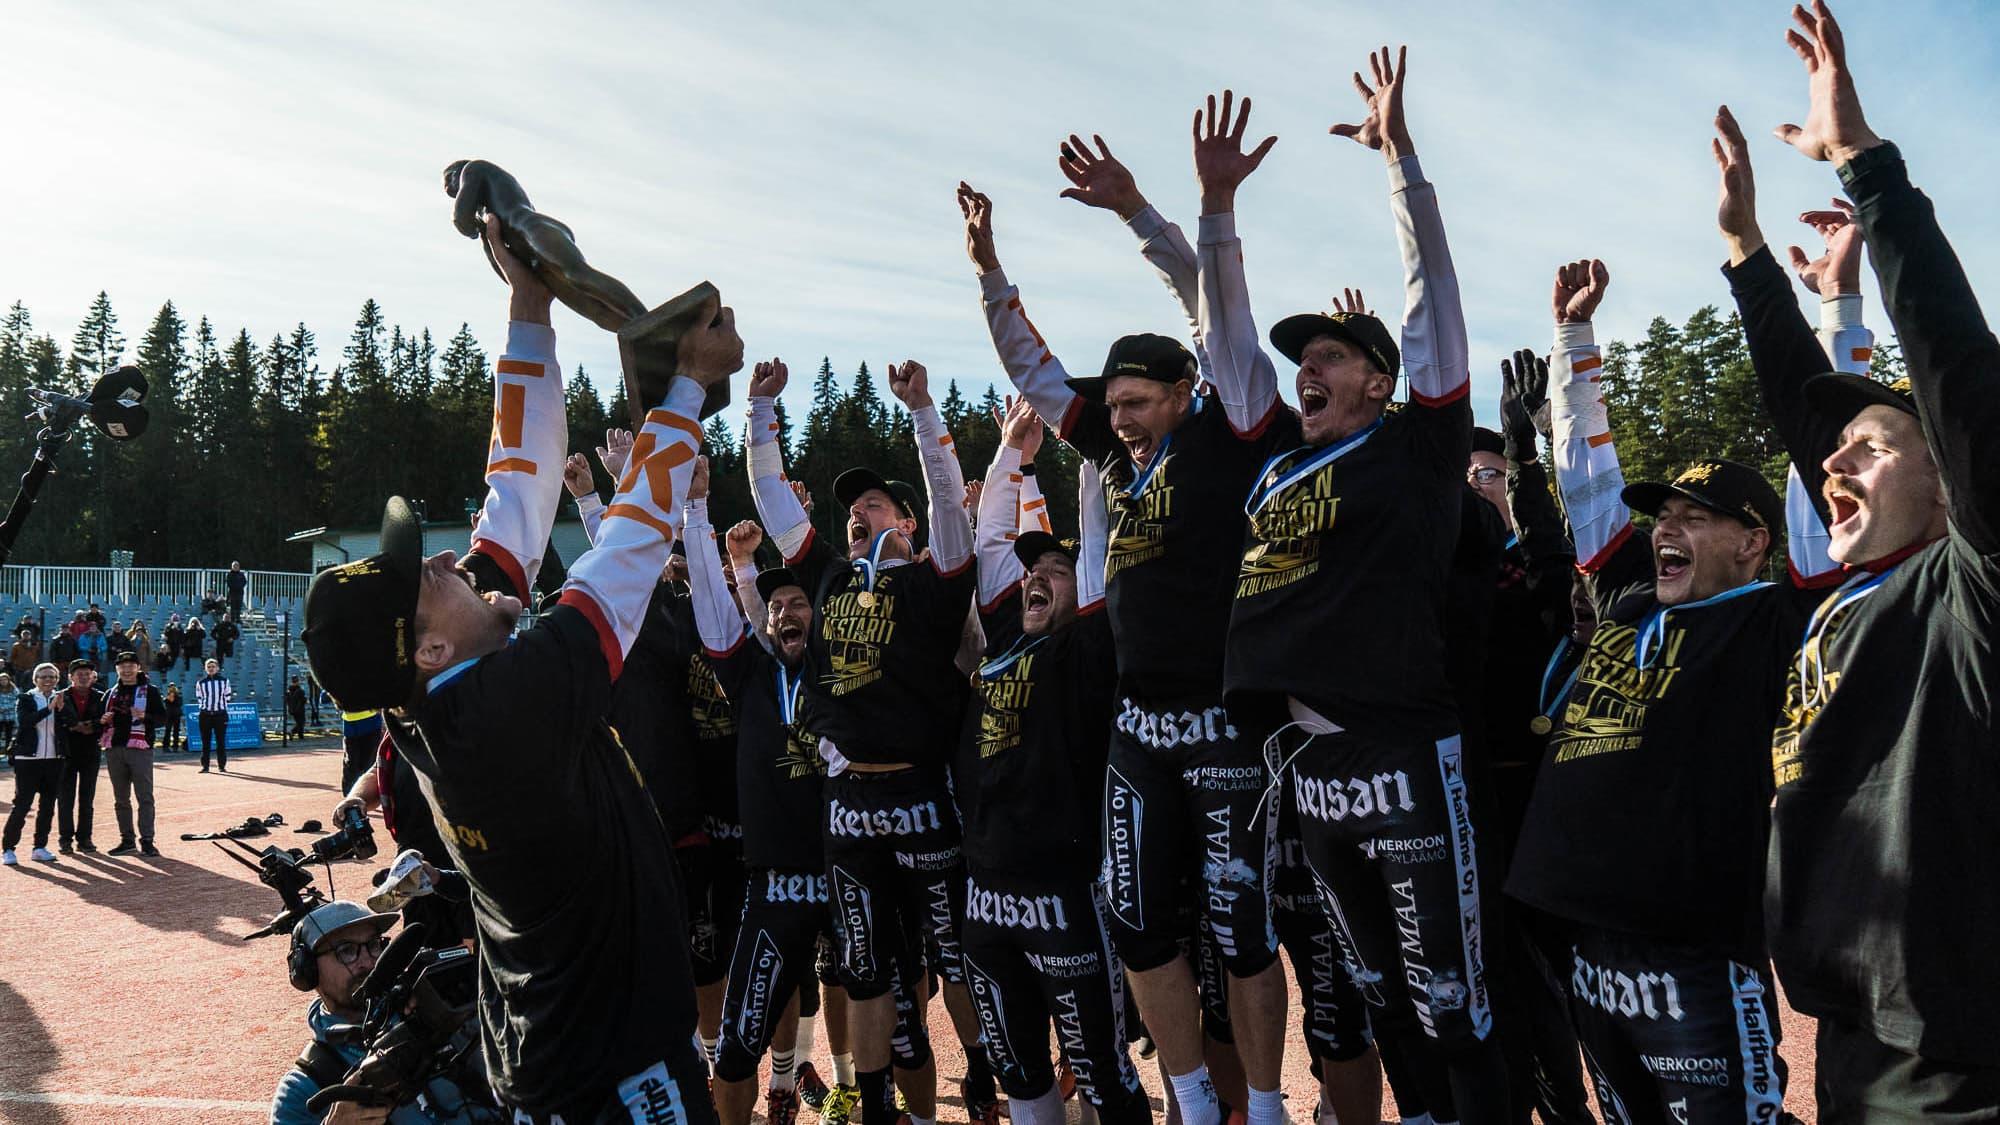 Manse PP:n mestaruusjuhlat alkoivat Kaupin pesäpallostadionin kentällä voittoisan viidennen finaalin jälkeen. Vastassa oli Kouvolan pallonlyöjät.